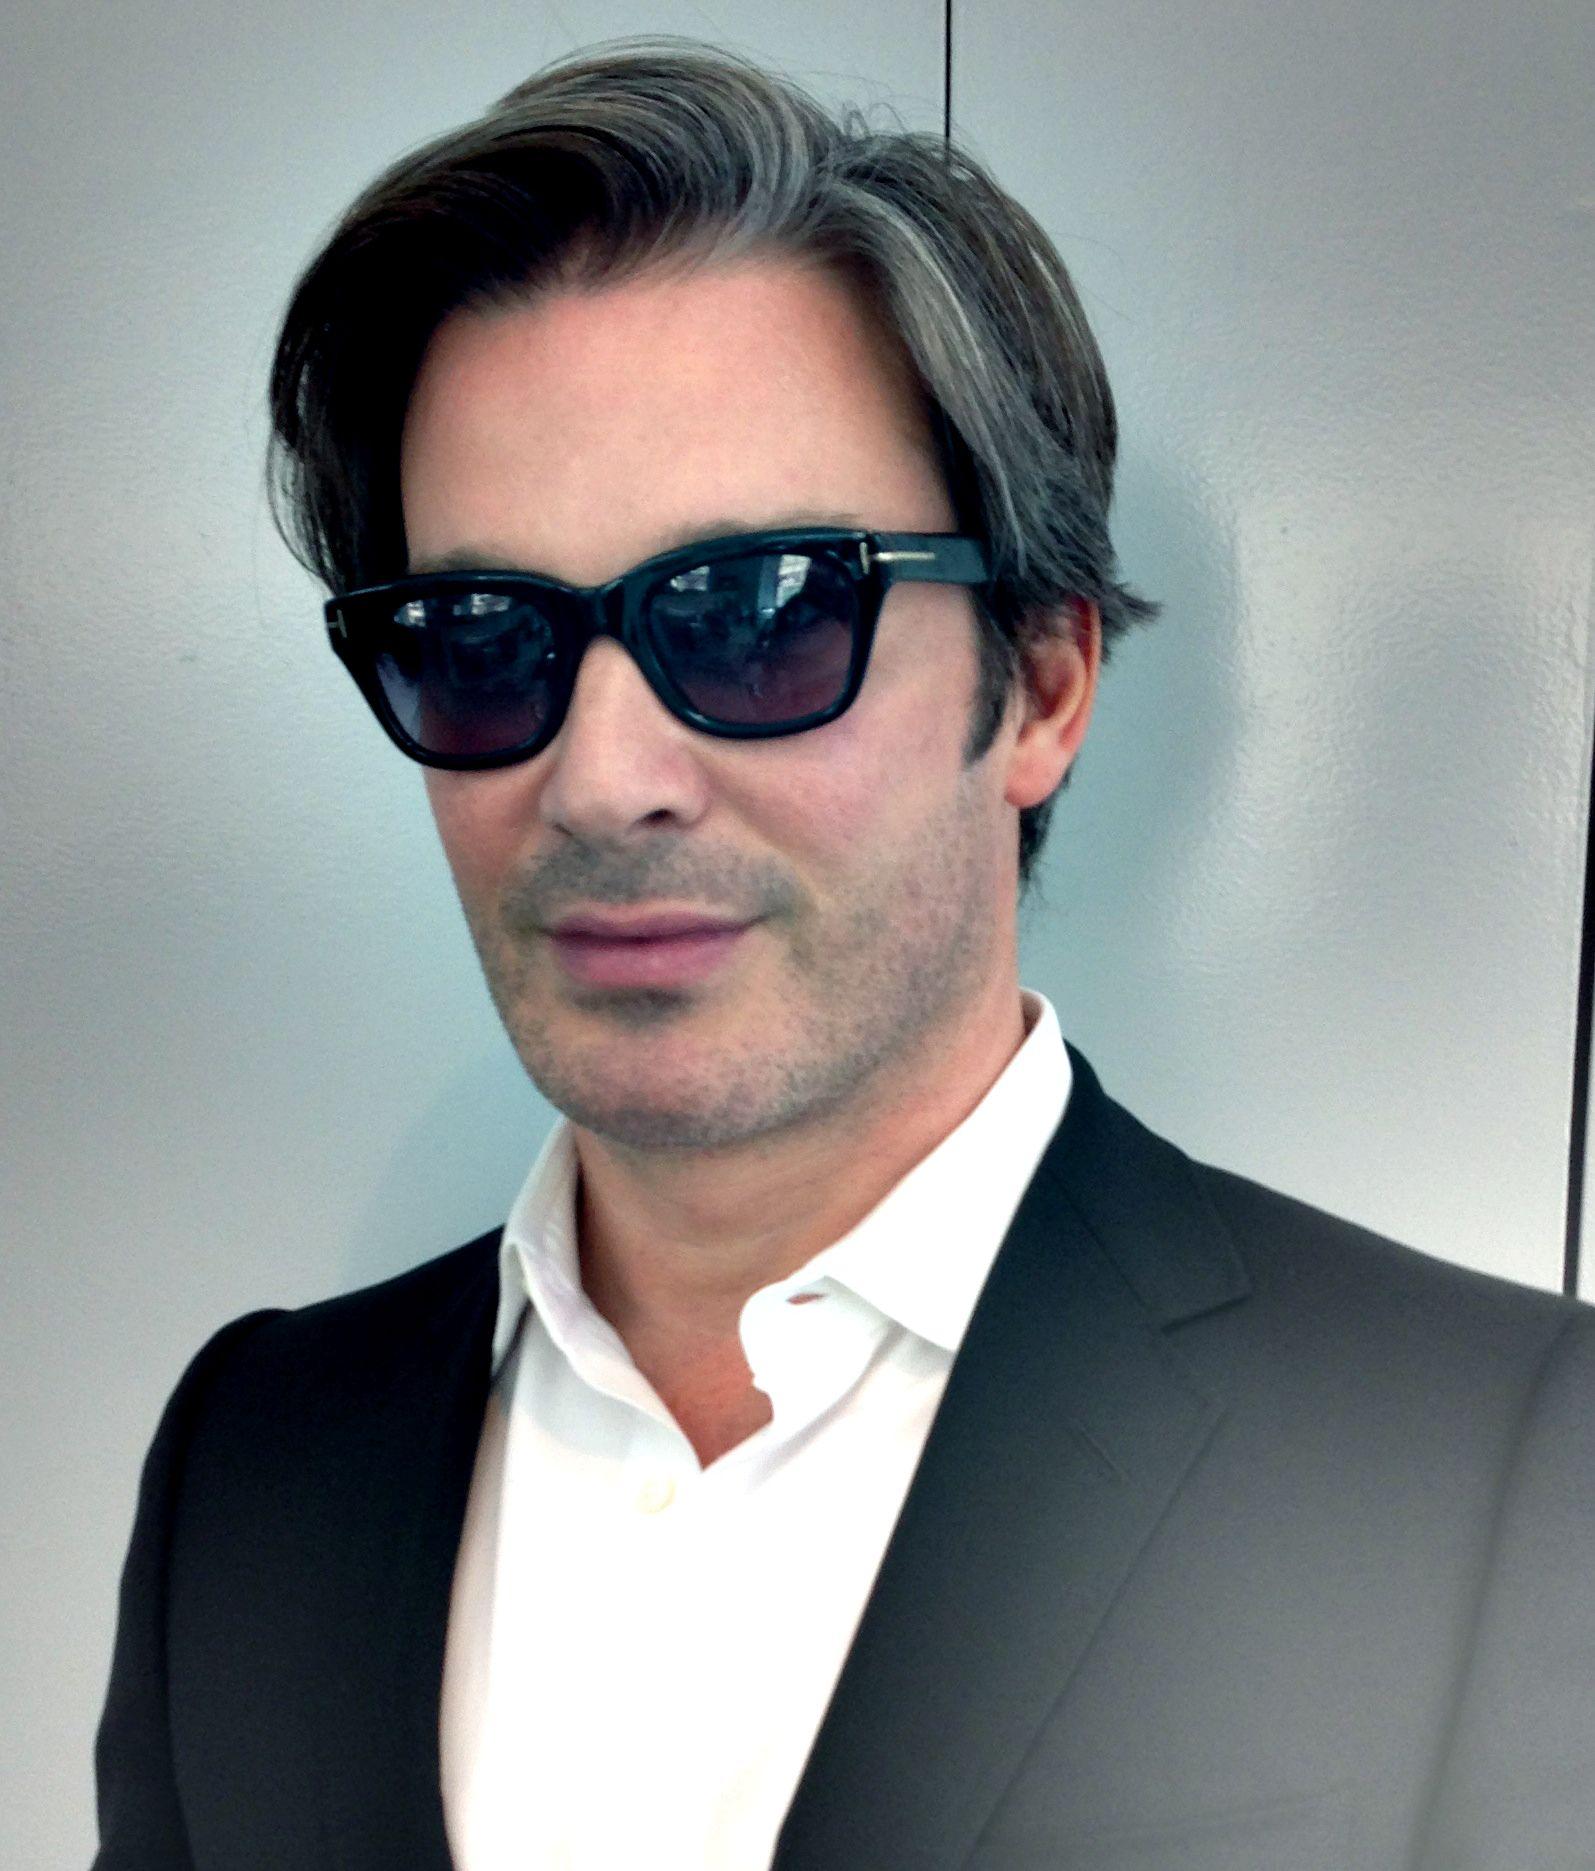 fa71fc2c85fa0 Tom Ford Hugh Polarized Square Wayfarer Sunglasses